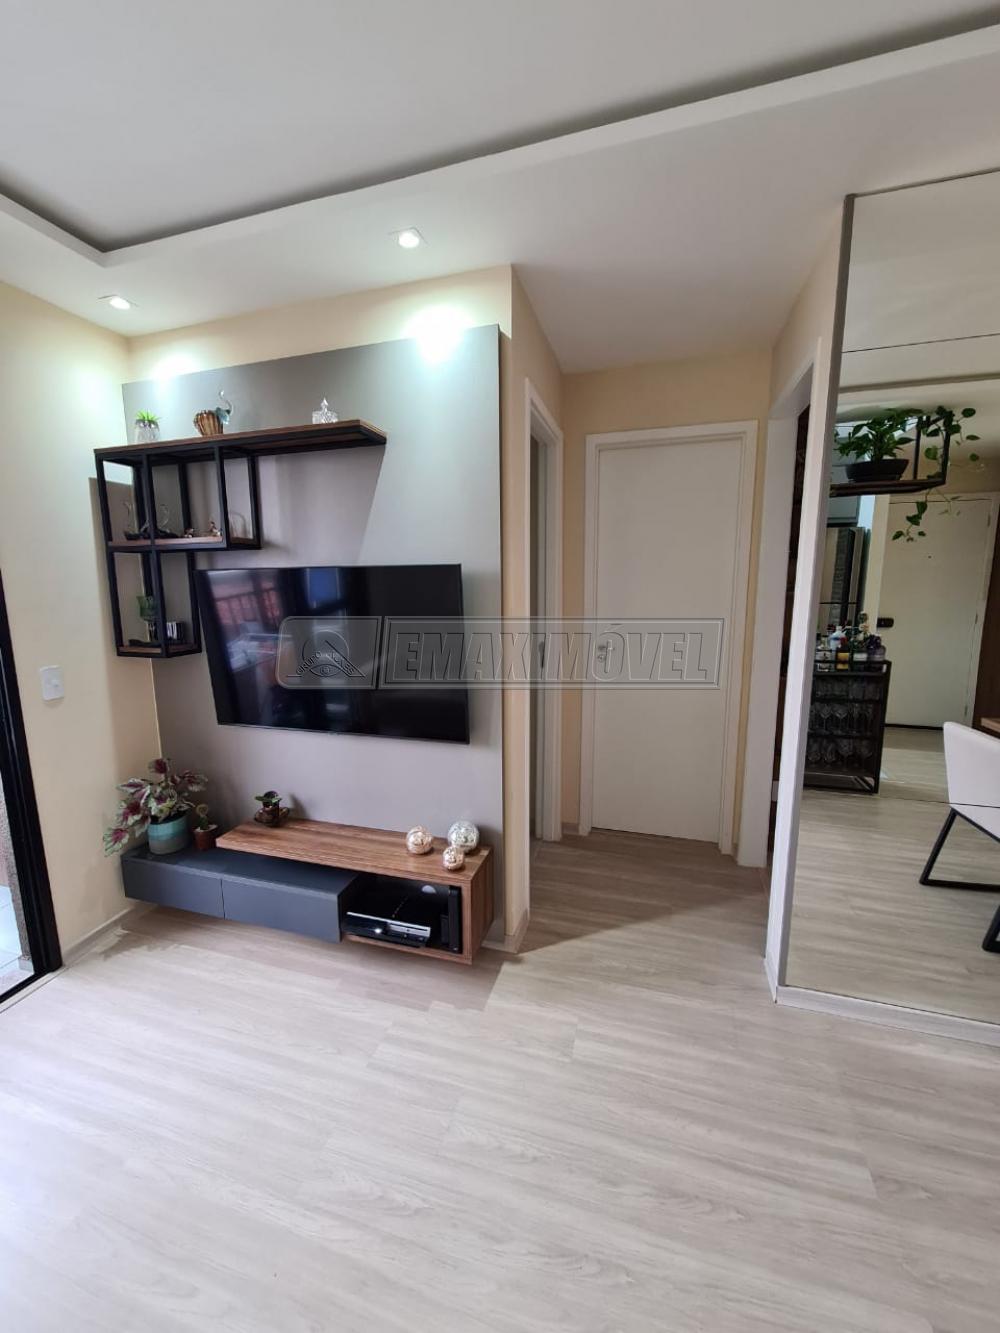 Comprar Apartamentos / Apto Padrão em Sorocaba R$ 350.000,00 - Foto 6